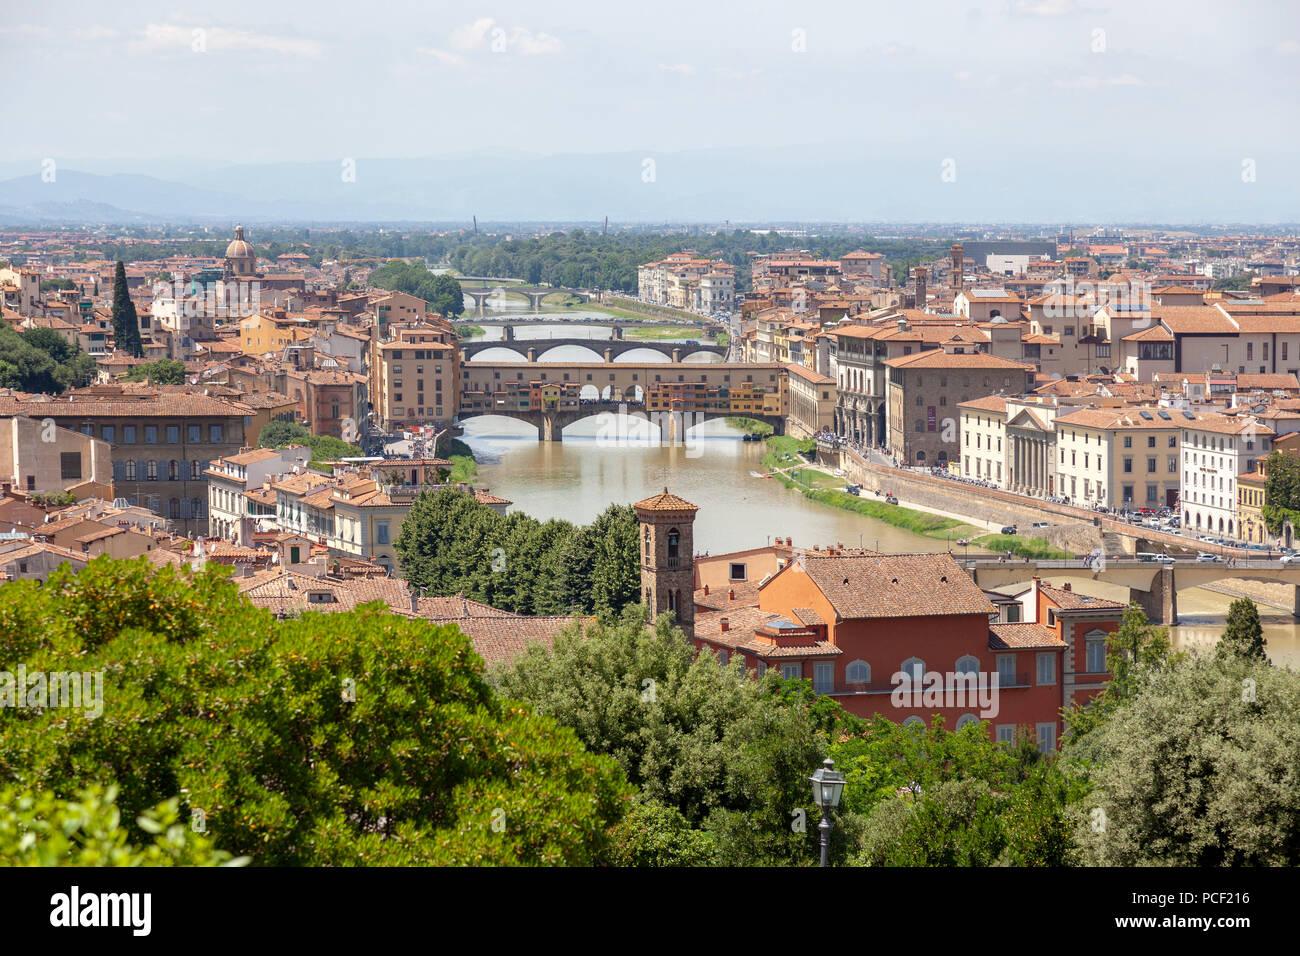 Von der Östlichen Aussichtspunkt des Michelangelo Platz gesehen: die Brücken von Florenz, vor allem die berühmte Ponte Vecchio (Toskana, Italien). Stockbild